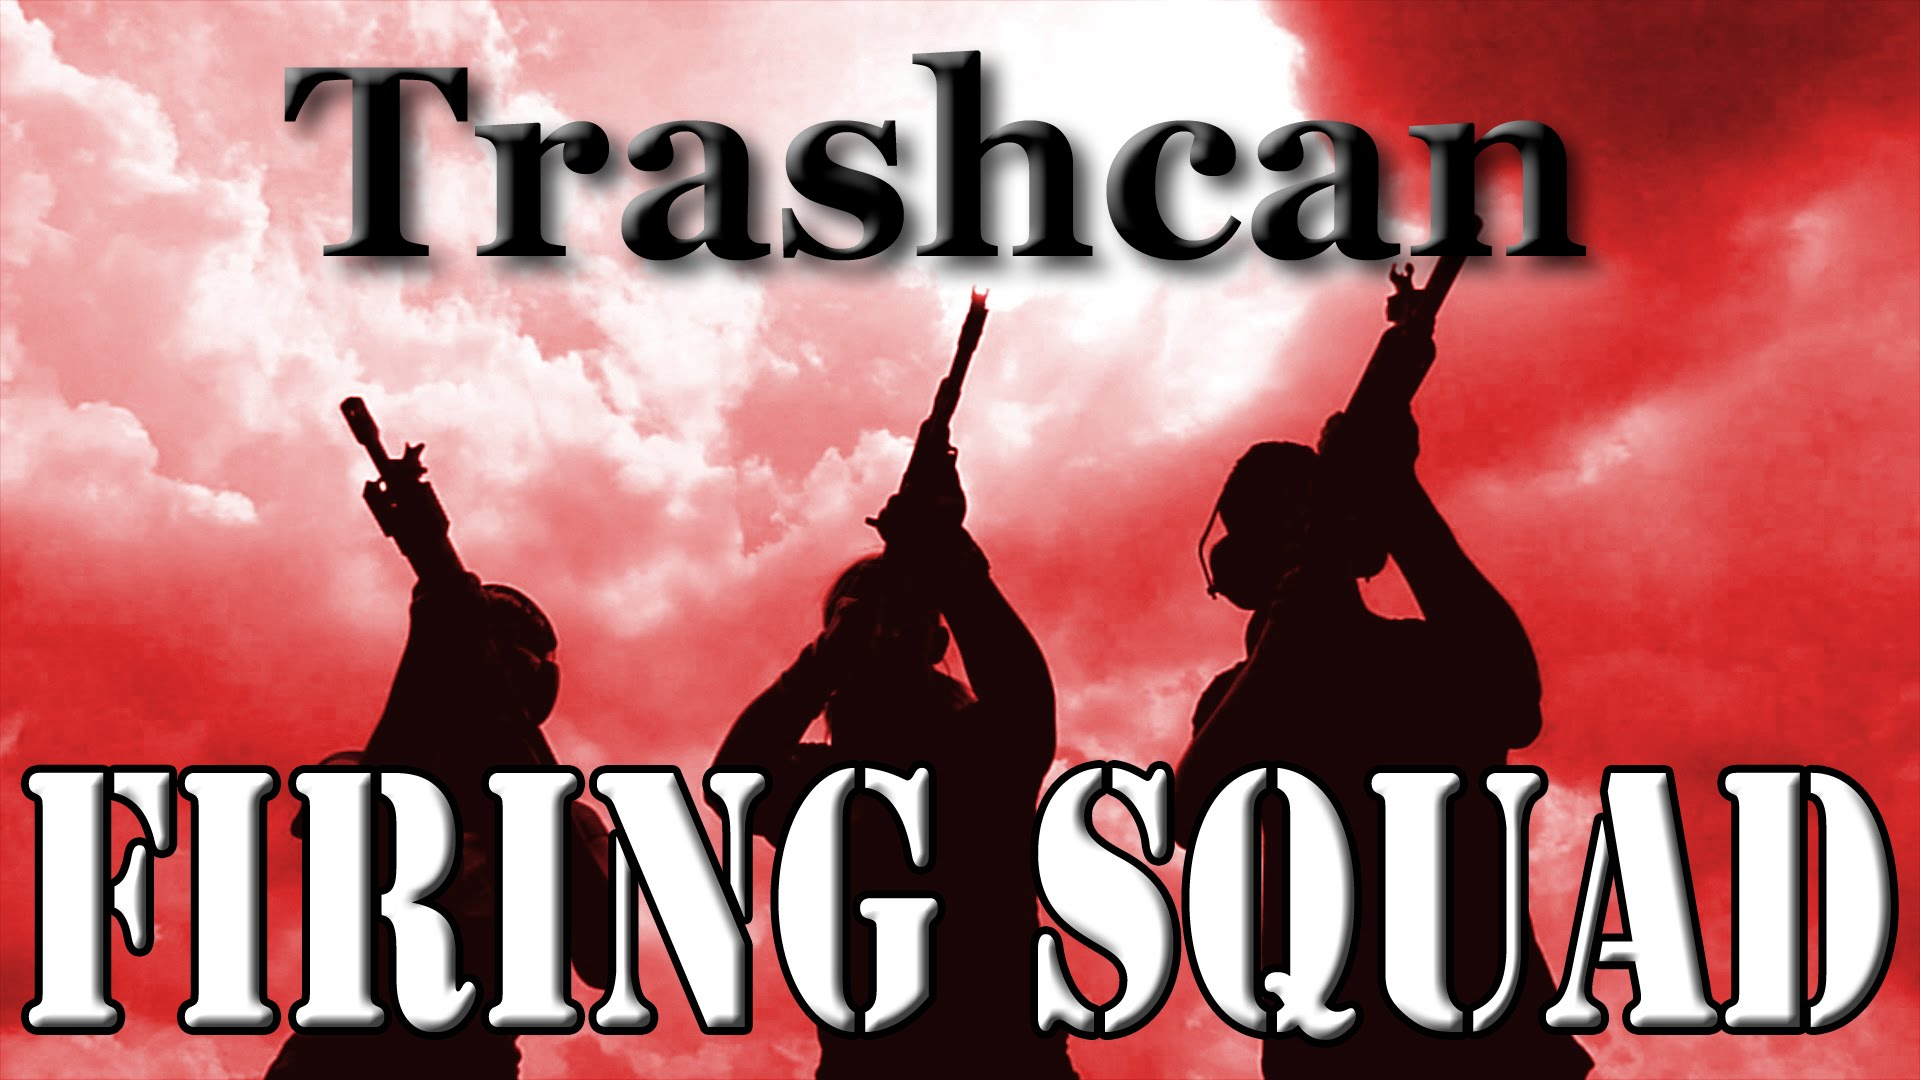 Firing Squad vs Trash Can